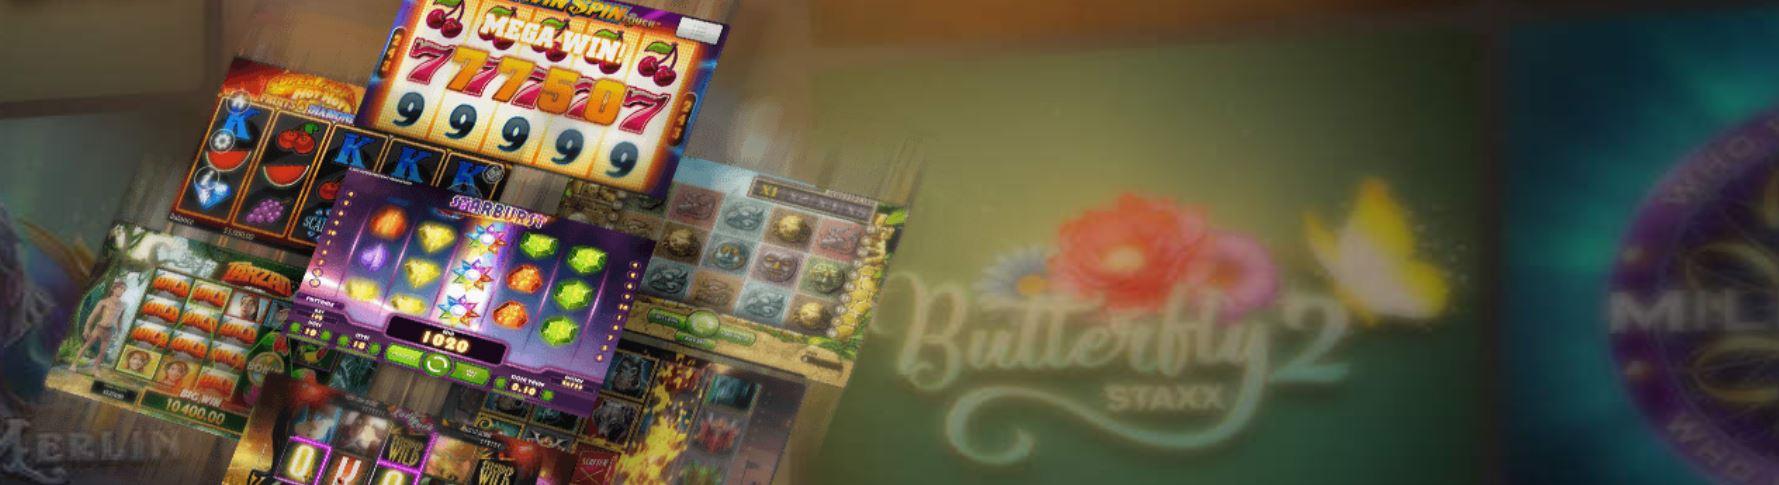 Esta casa de juegos ofrece gran catálogo de juegos de casino.